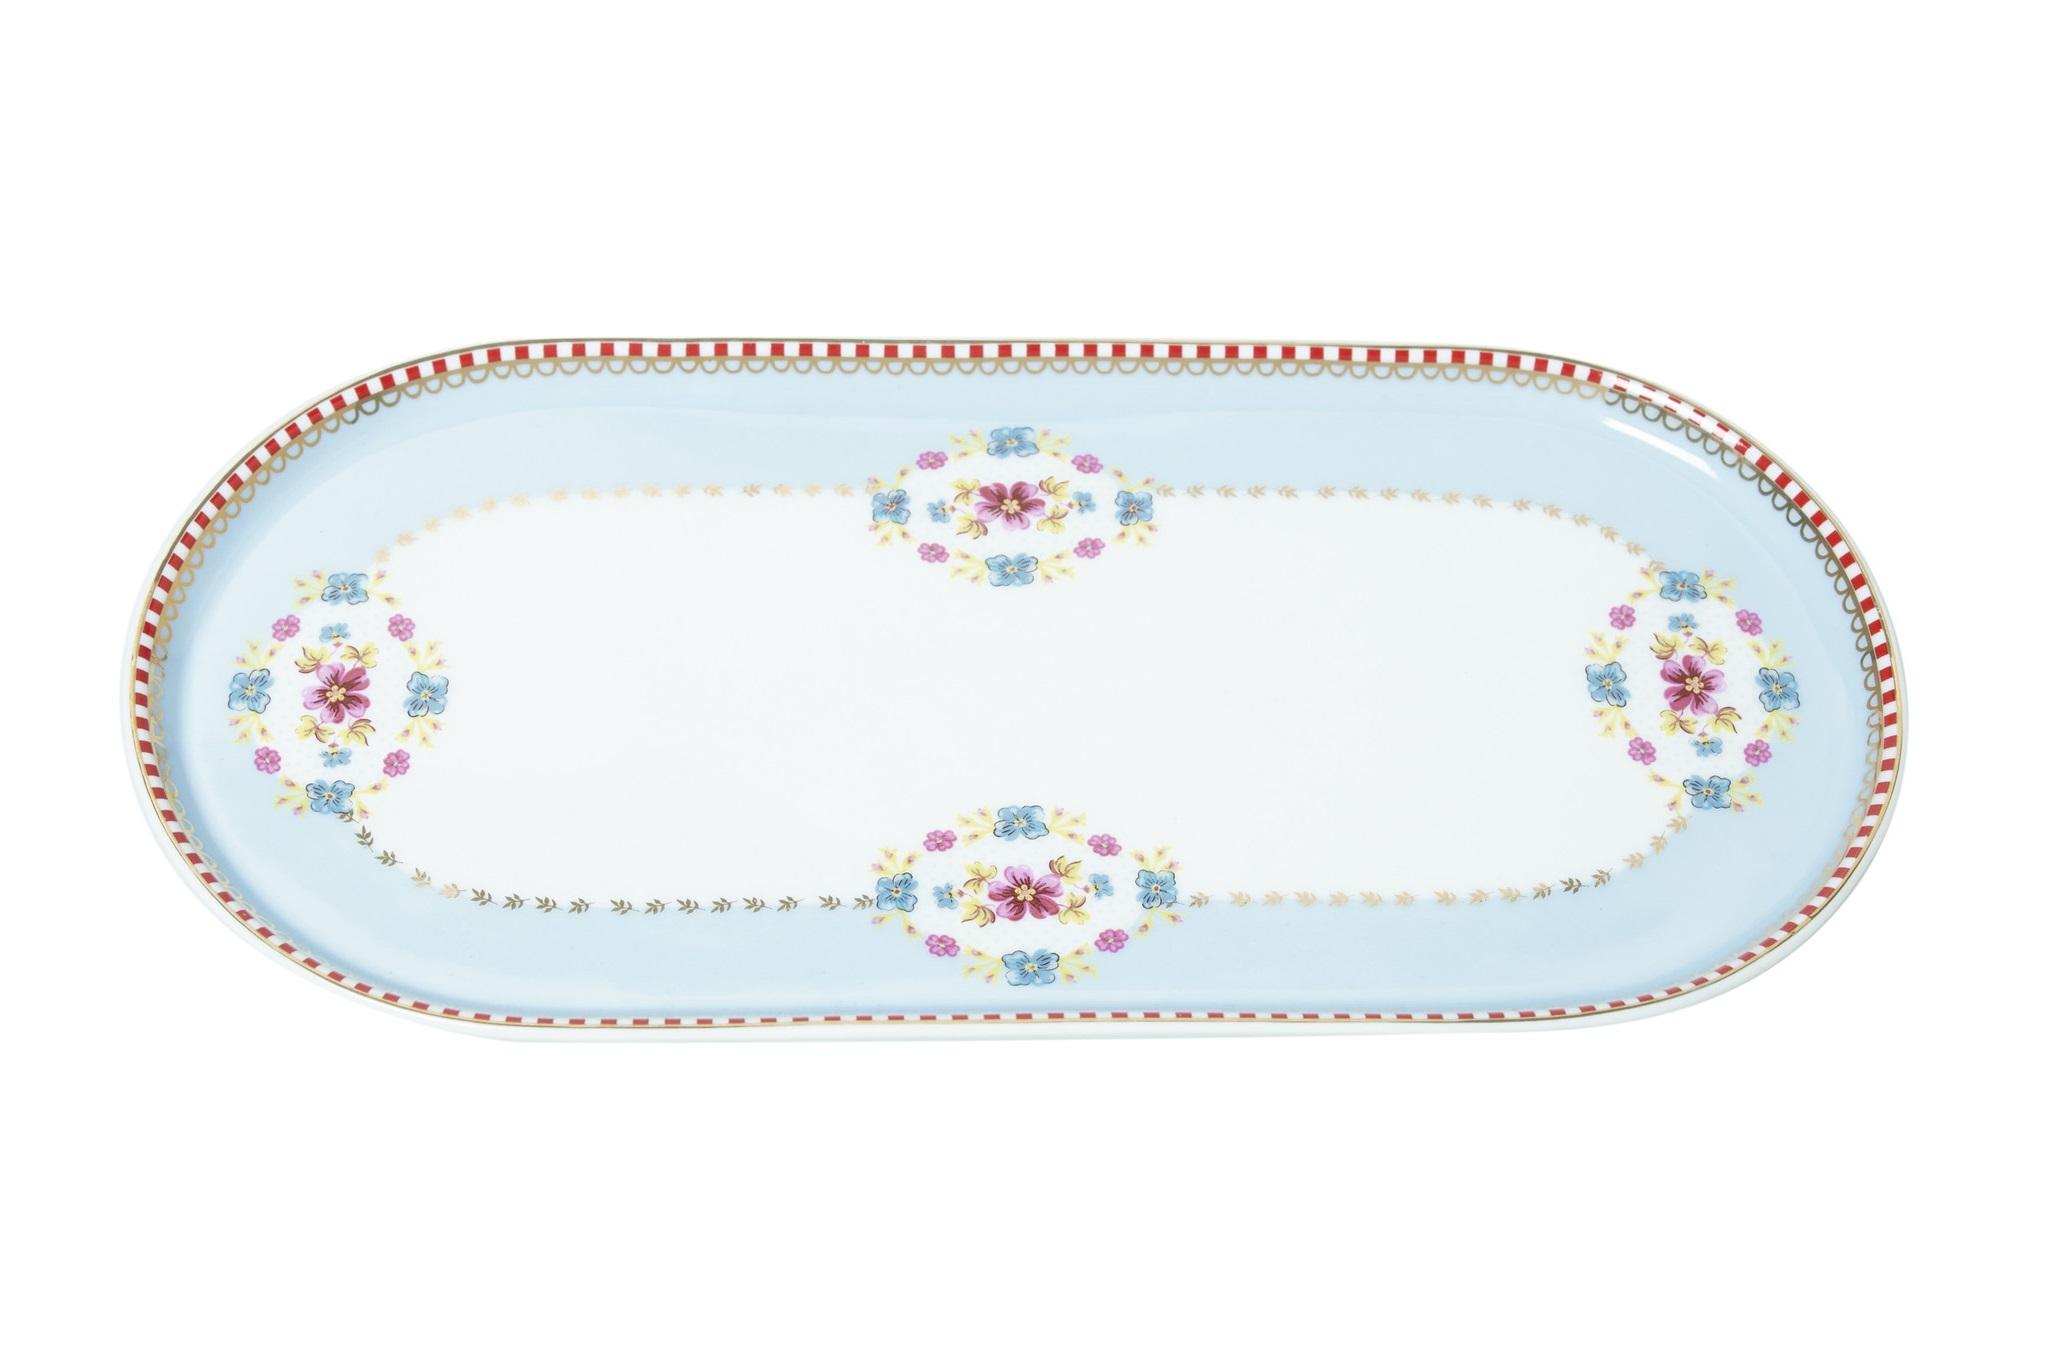 Набор прямоугольных тарелок Floral Blue (2шт)Тарелки<br>Коллекция посуды Floral появилась в 2008 г. и состоит из нескольких дизайнов, которые прекрасно сочетаются между собой и отлично дополняют друг друга. Особенность коллекции - в декорировании цветами, птицами и позолотой на всех предметах. Коллекция состоит из трёх цветовых групп - розовой, хаки и голубой, которые можно бесконечно комбинировать между собой. Коллекция также включает в себя кухонный текстиль и стекло.&amp;lt;div&amp;gt;&amp;lt;br&amp;gt;&amp;lt;/div&amp;gt;&amp;lt;div&amp;gt;&amp;lt;span style=&amp;quot;font-size: 14px;&amp;quot;&amp;gt;Не использовать в микроволновой печи. Не рекомендуется мыть в посудомоечной машине.&amp;amp;nbsp;&amp;lt;/span&amp;gt;&amp;lt;br&amp;gt;&amp;lt;/div&amp;gt;<br><br>Material: Фарфор<br>Width см: 25<br>Depth см: 11<br>Height см: 1.5